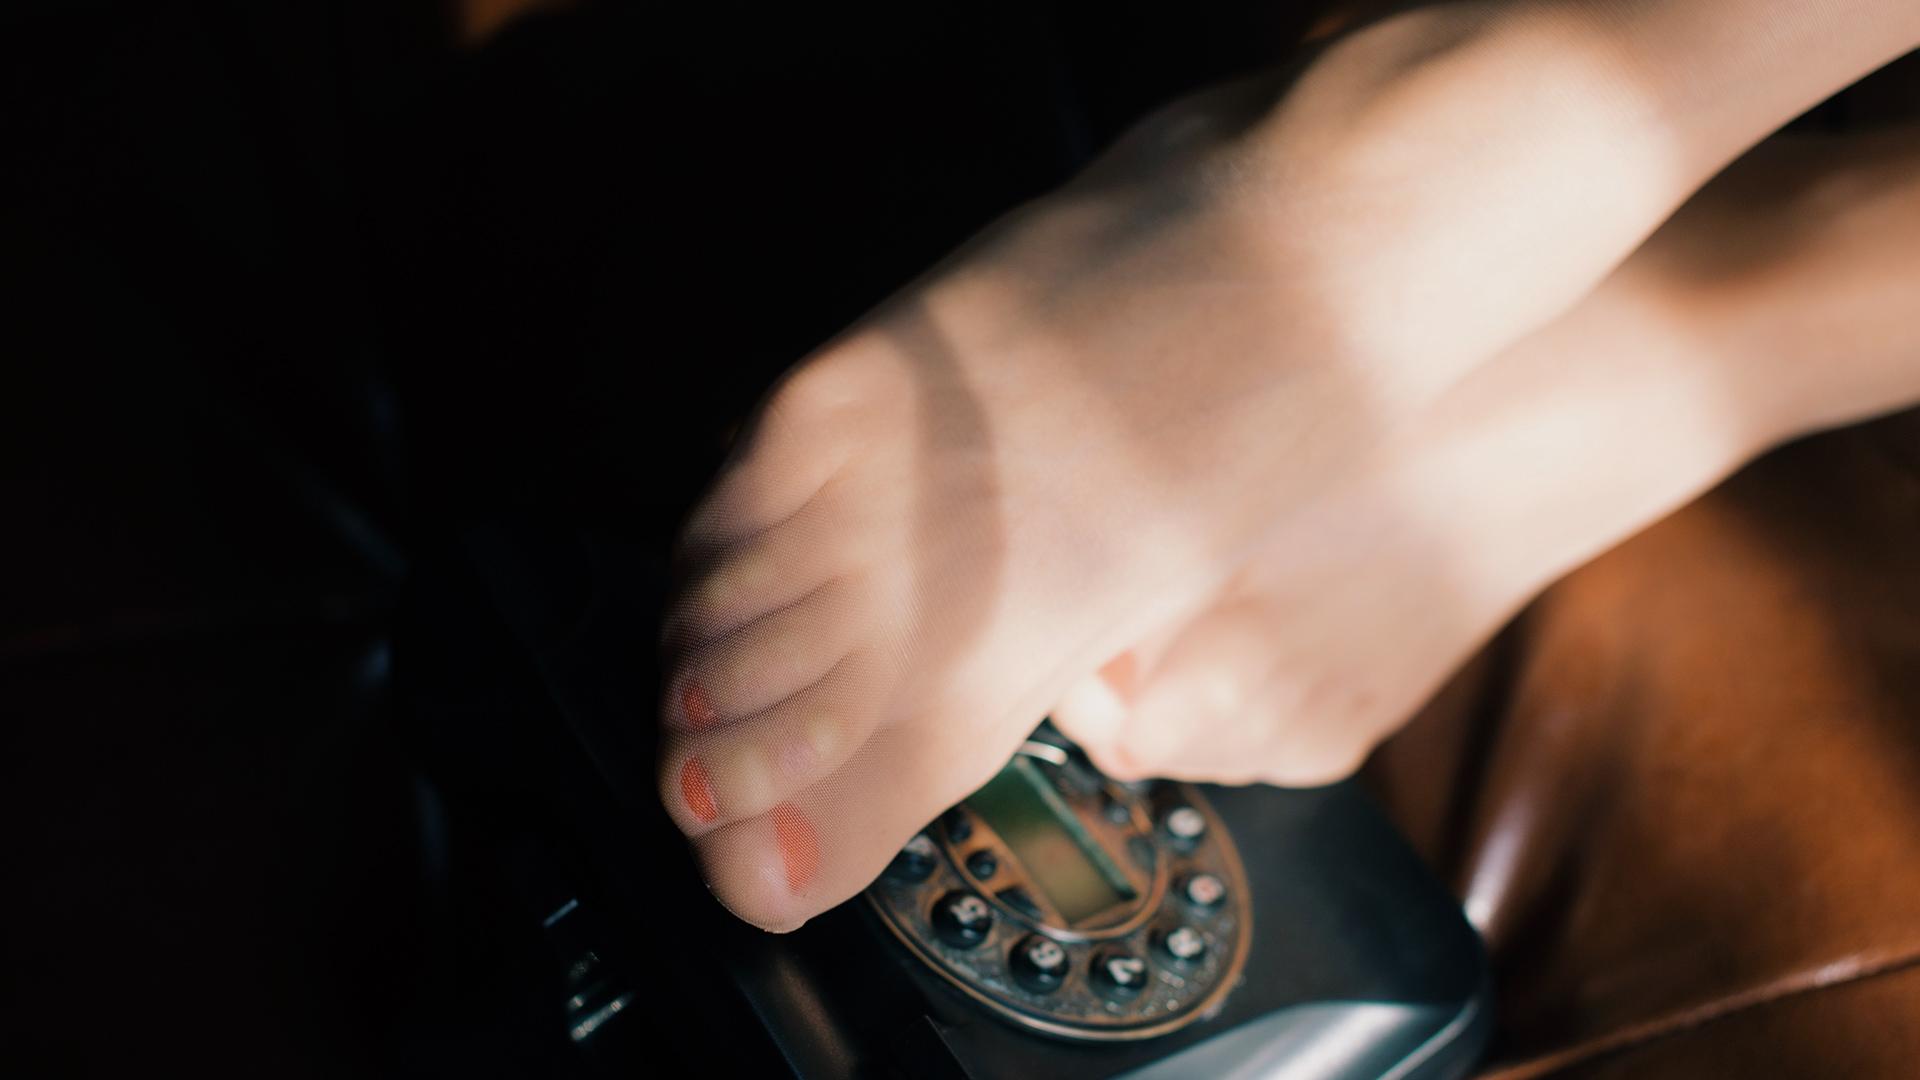 福利吧 看买家秀整理微博高端丝袜品牌买家秀,值得收藏